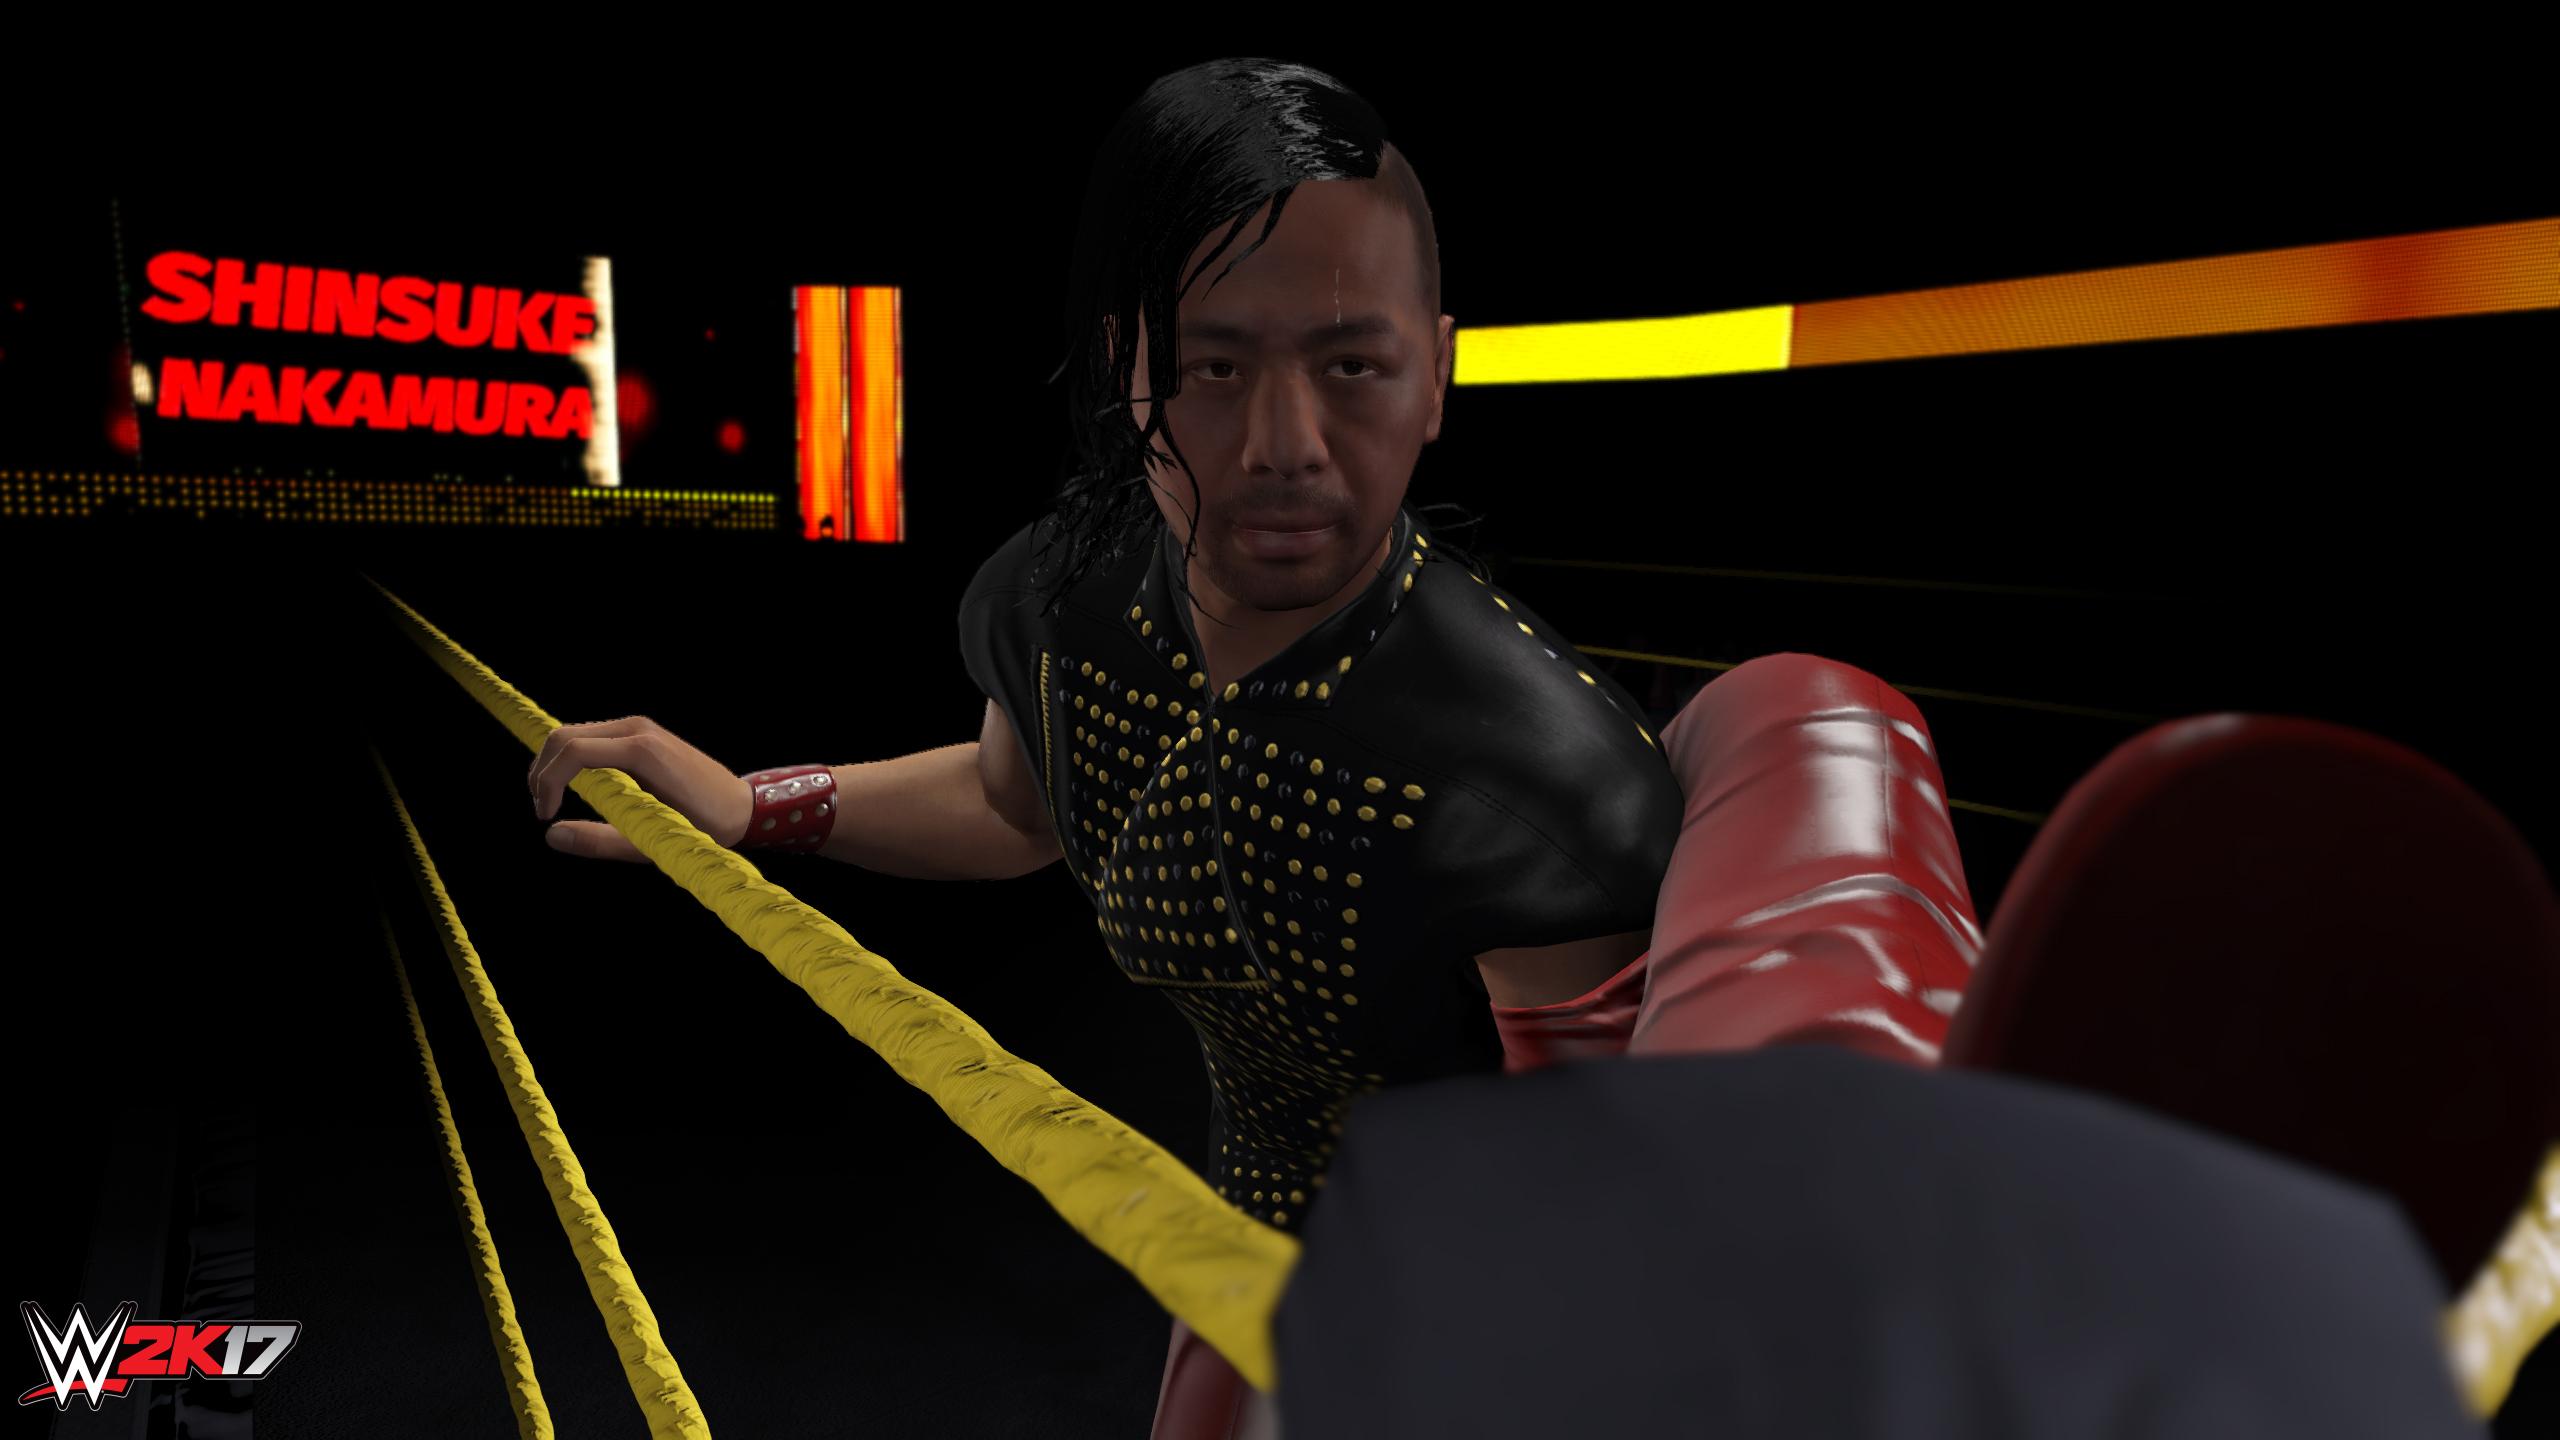 Shinsuke Nakamura 2